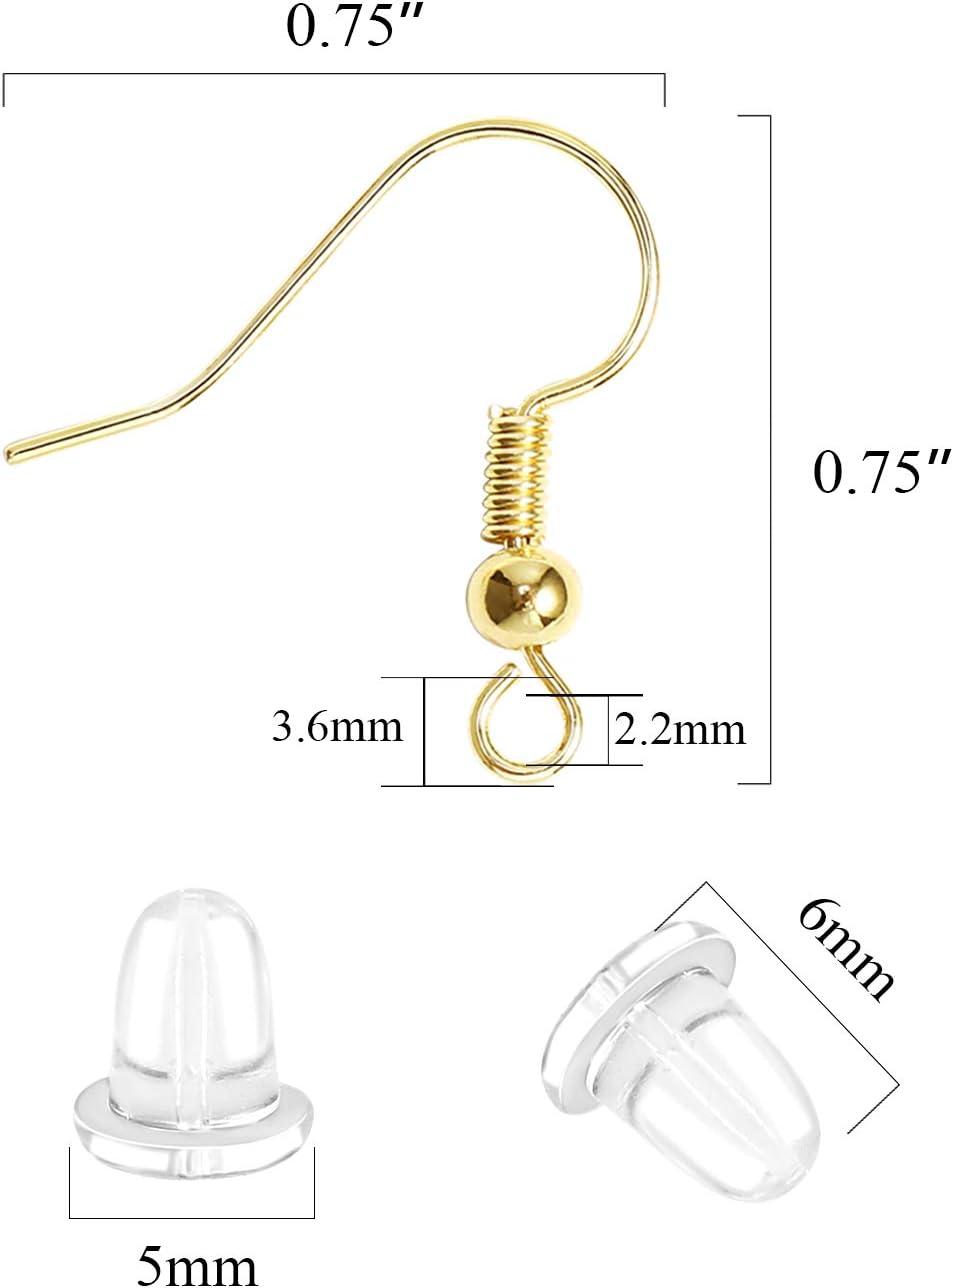 Earring Hooks 14K Gold Plated Hypoallergenic Ear Wires for Jewelry Making (200 PCS Earring Hooks+200 PCS Earring Backs)